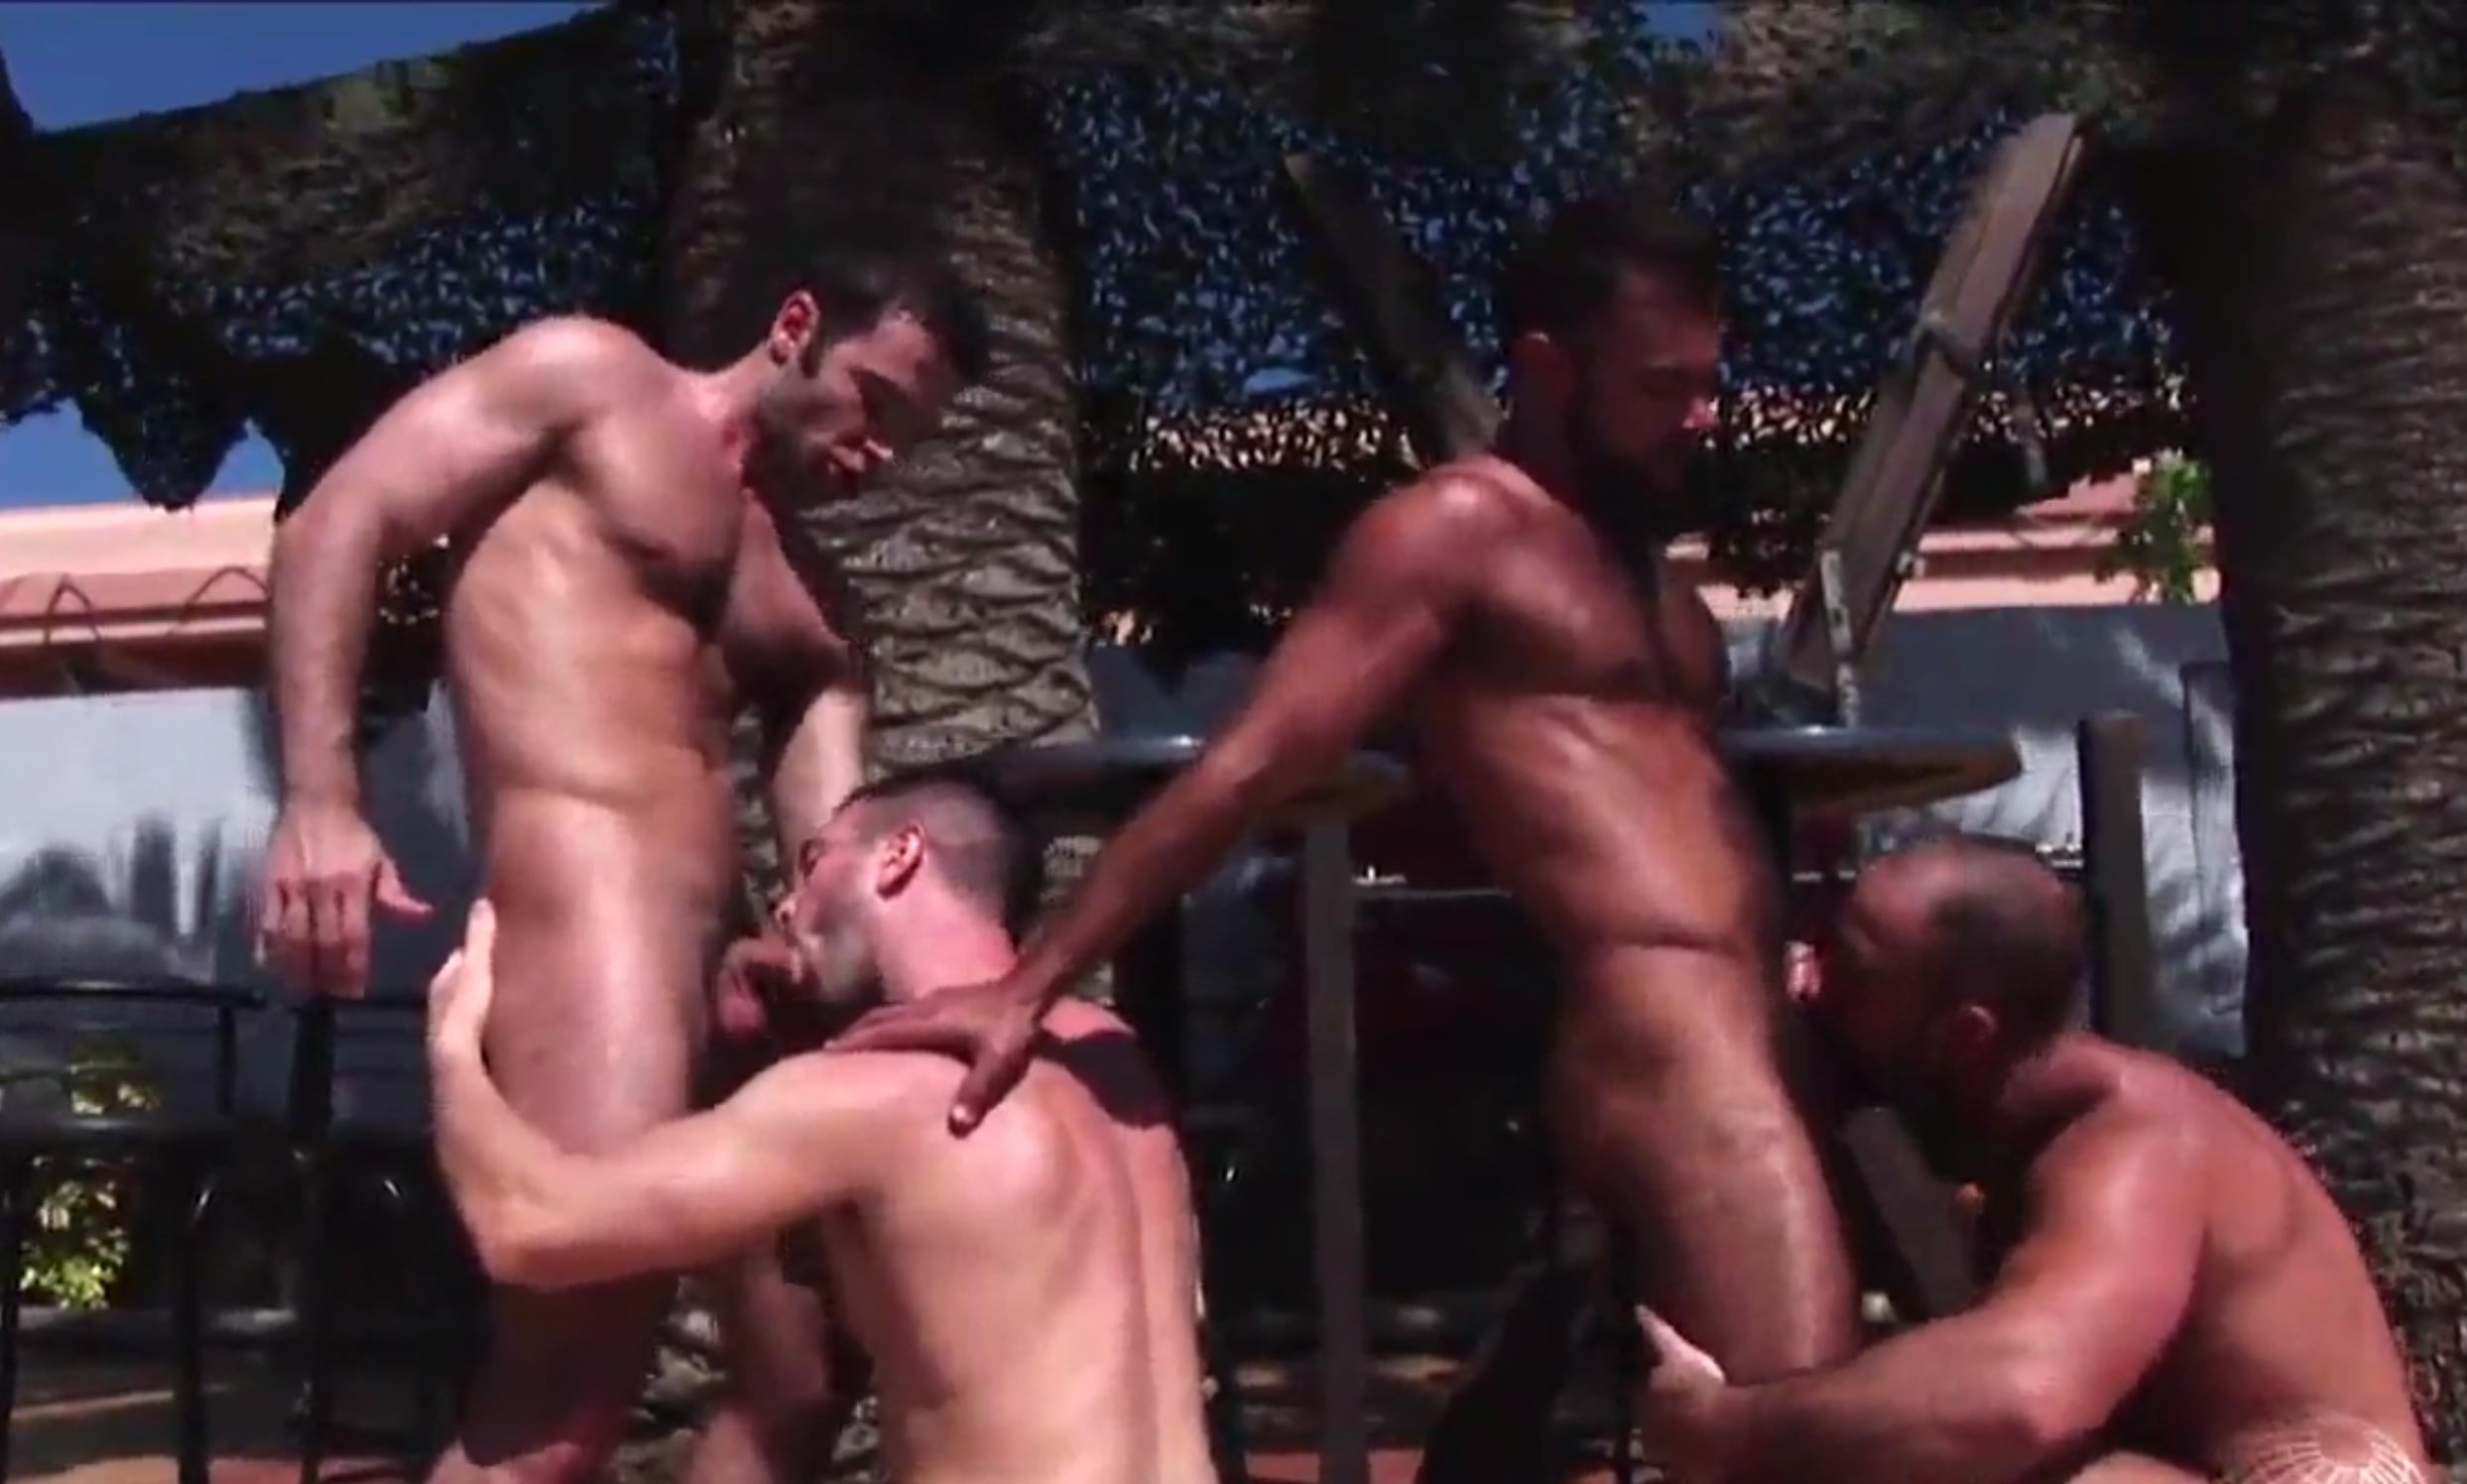 Pornô Gay, Sexo Gay, Transa Gay, Foda Gay, Peludo, Orgia Gay